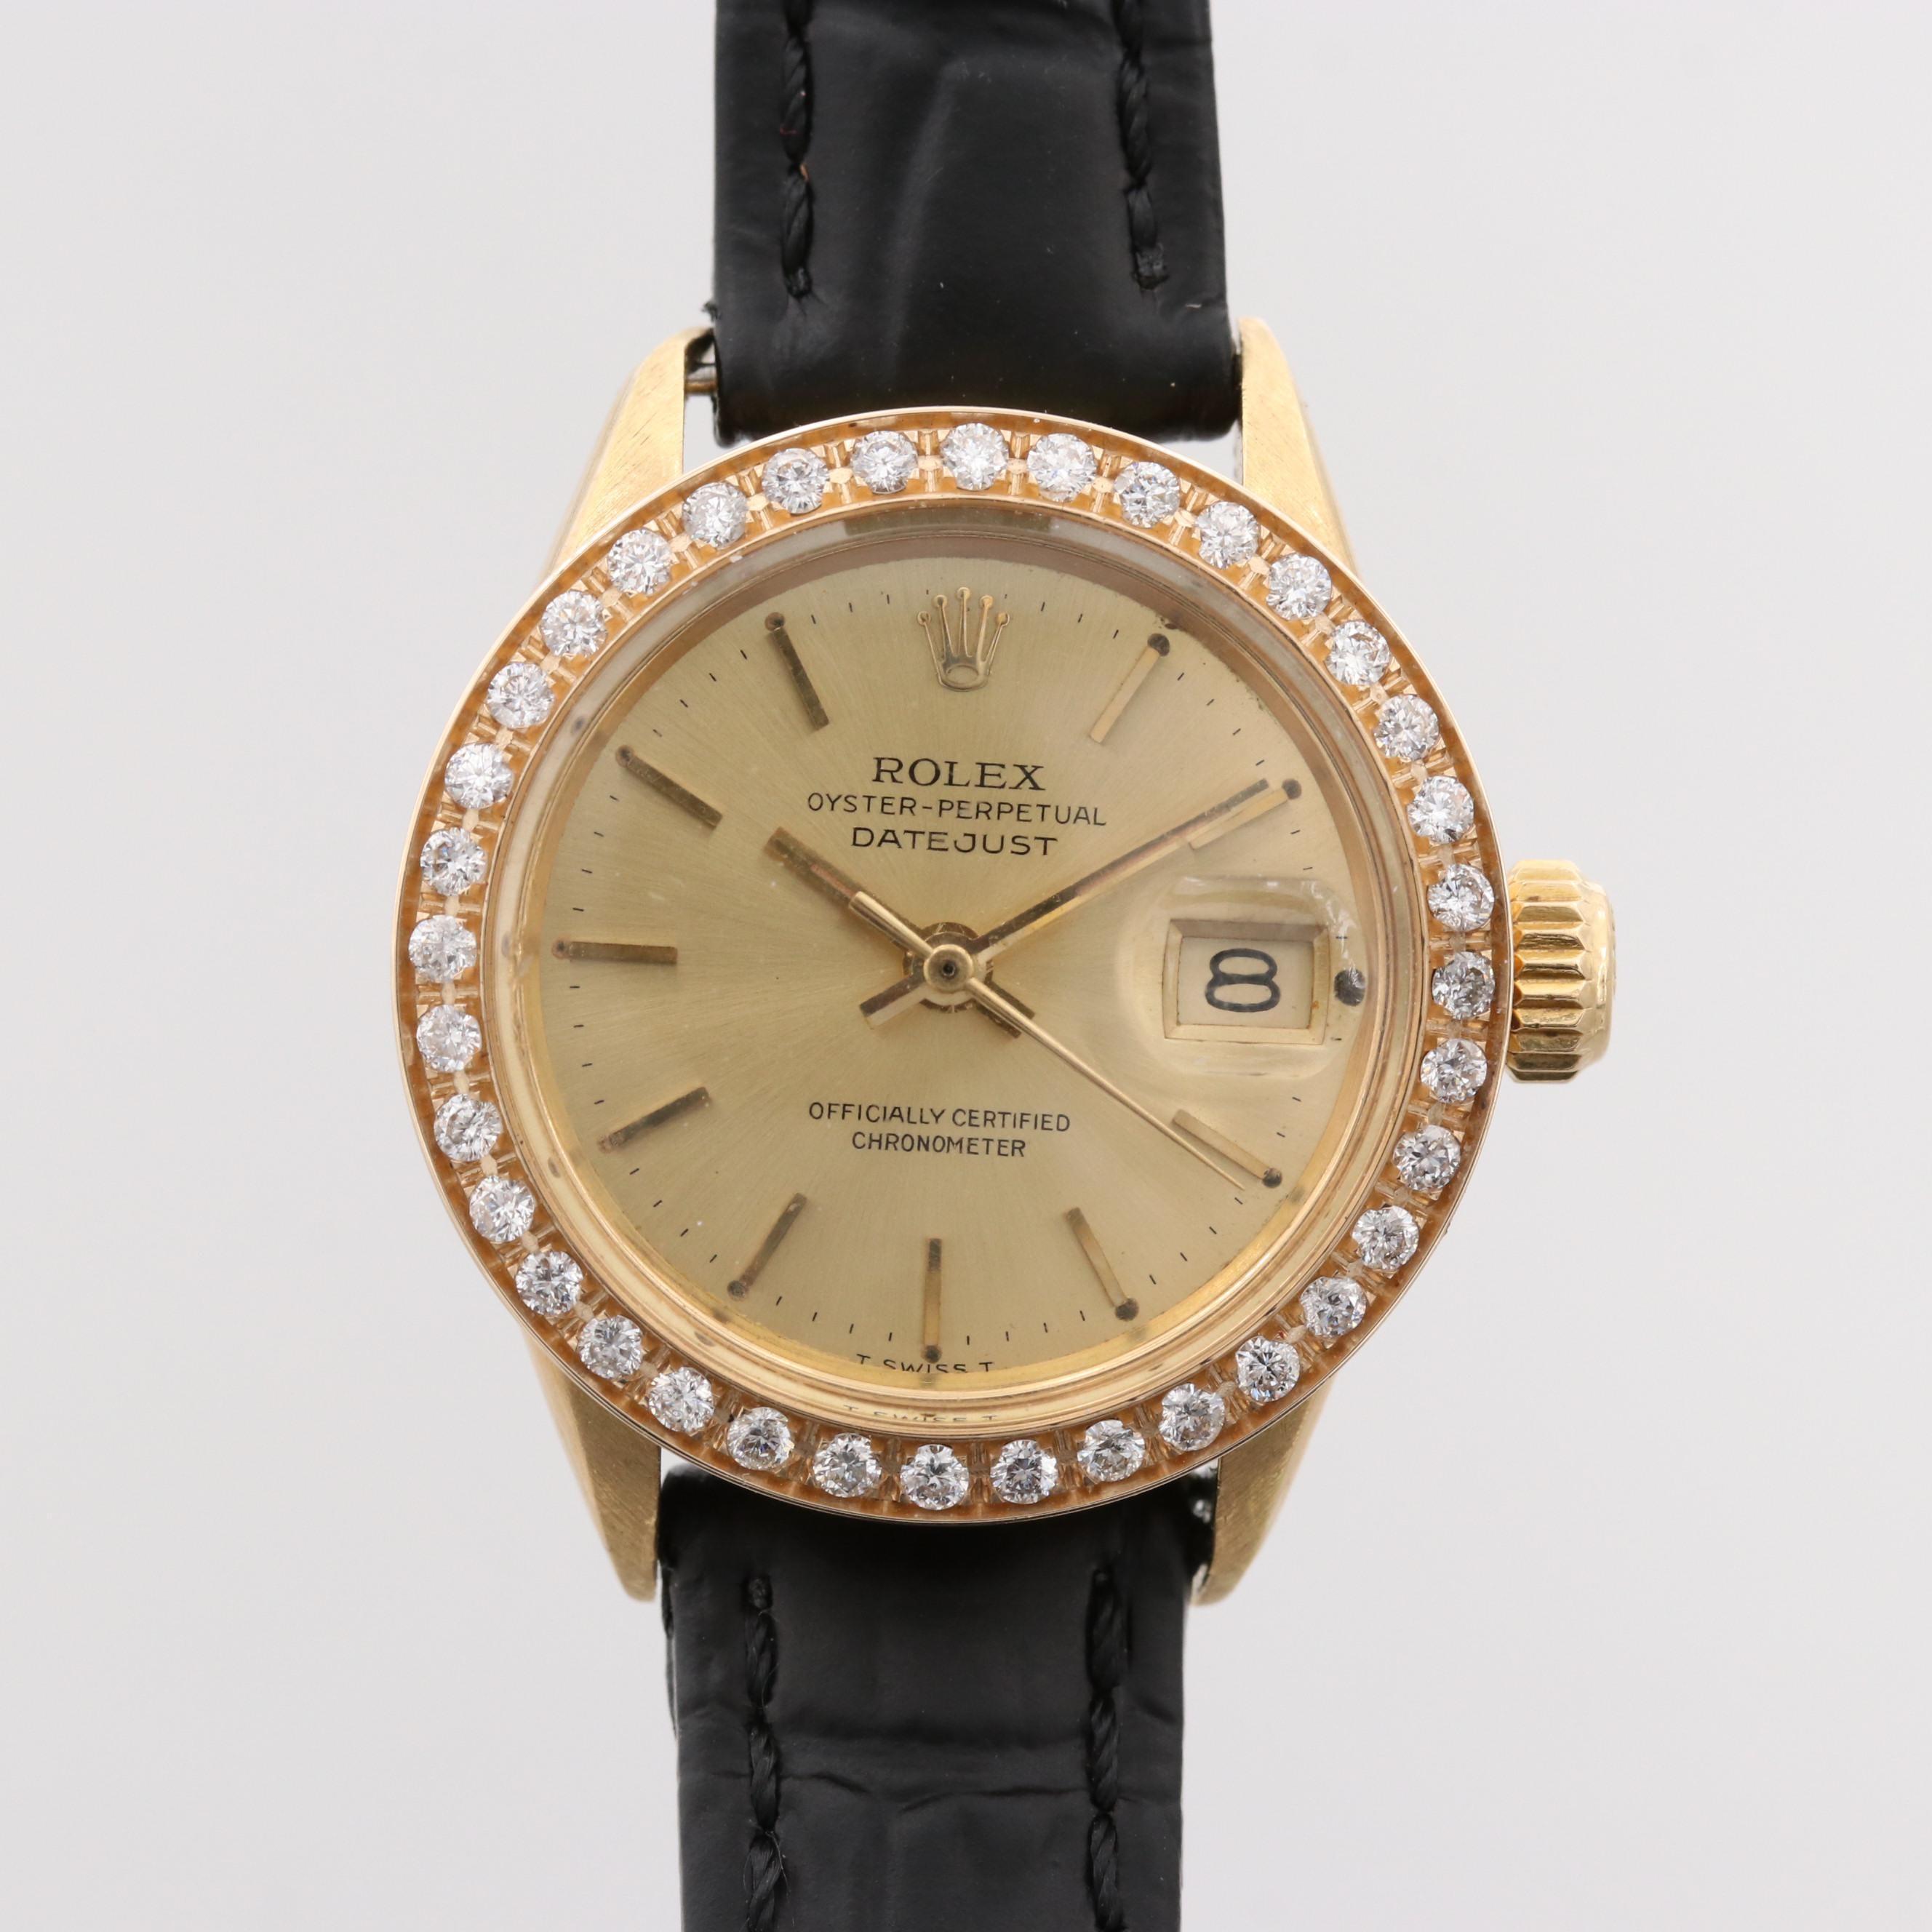 Rolex Datejust 18K Yellow Gold Wristwatch With Diamond Bezel, 1966